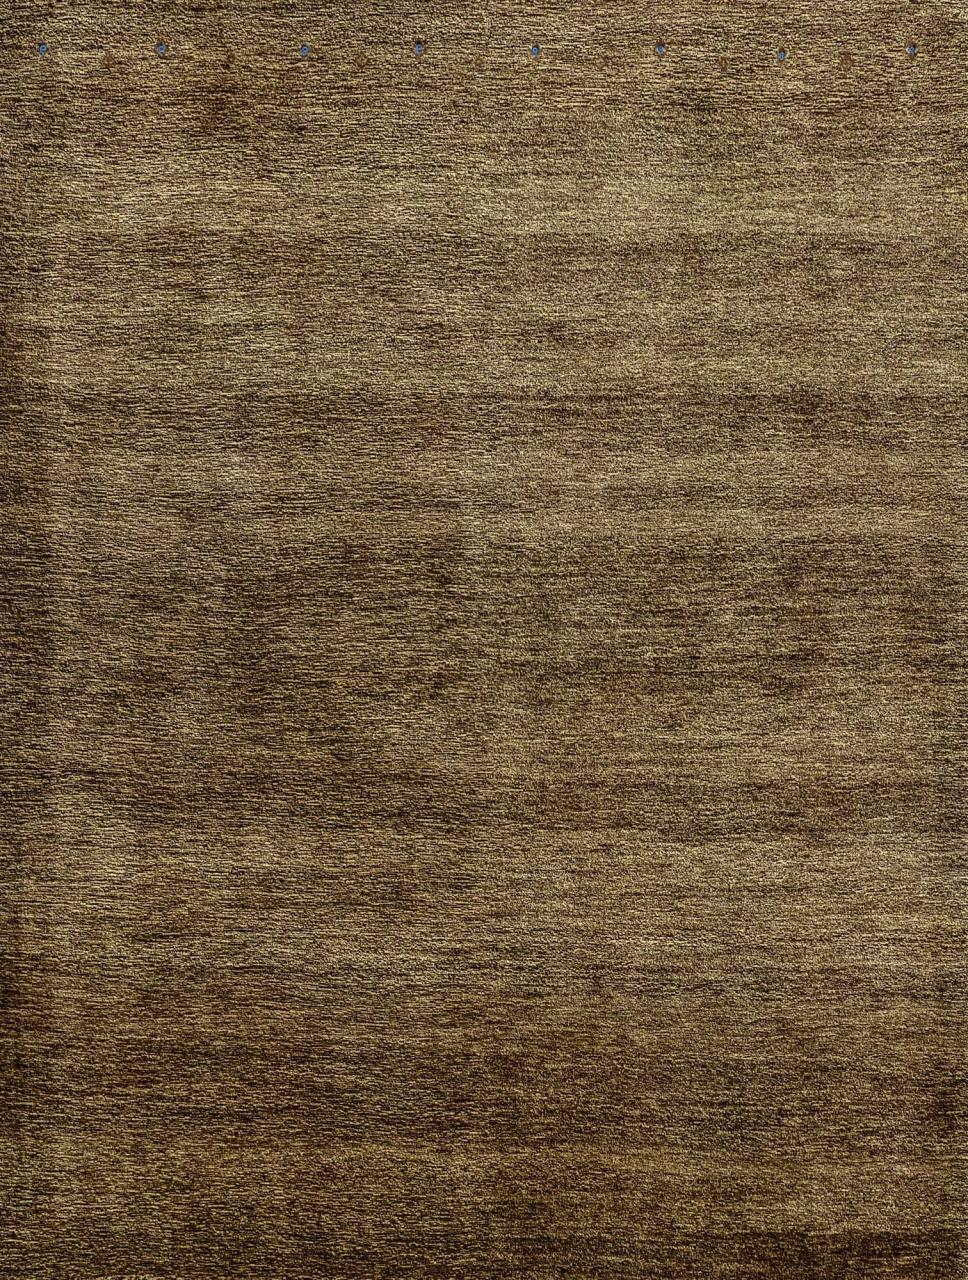 Iran Gabbeh Teppich-Unikat Brown Boteh